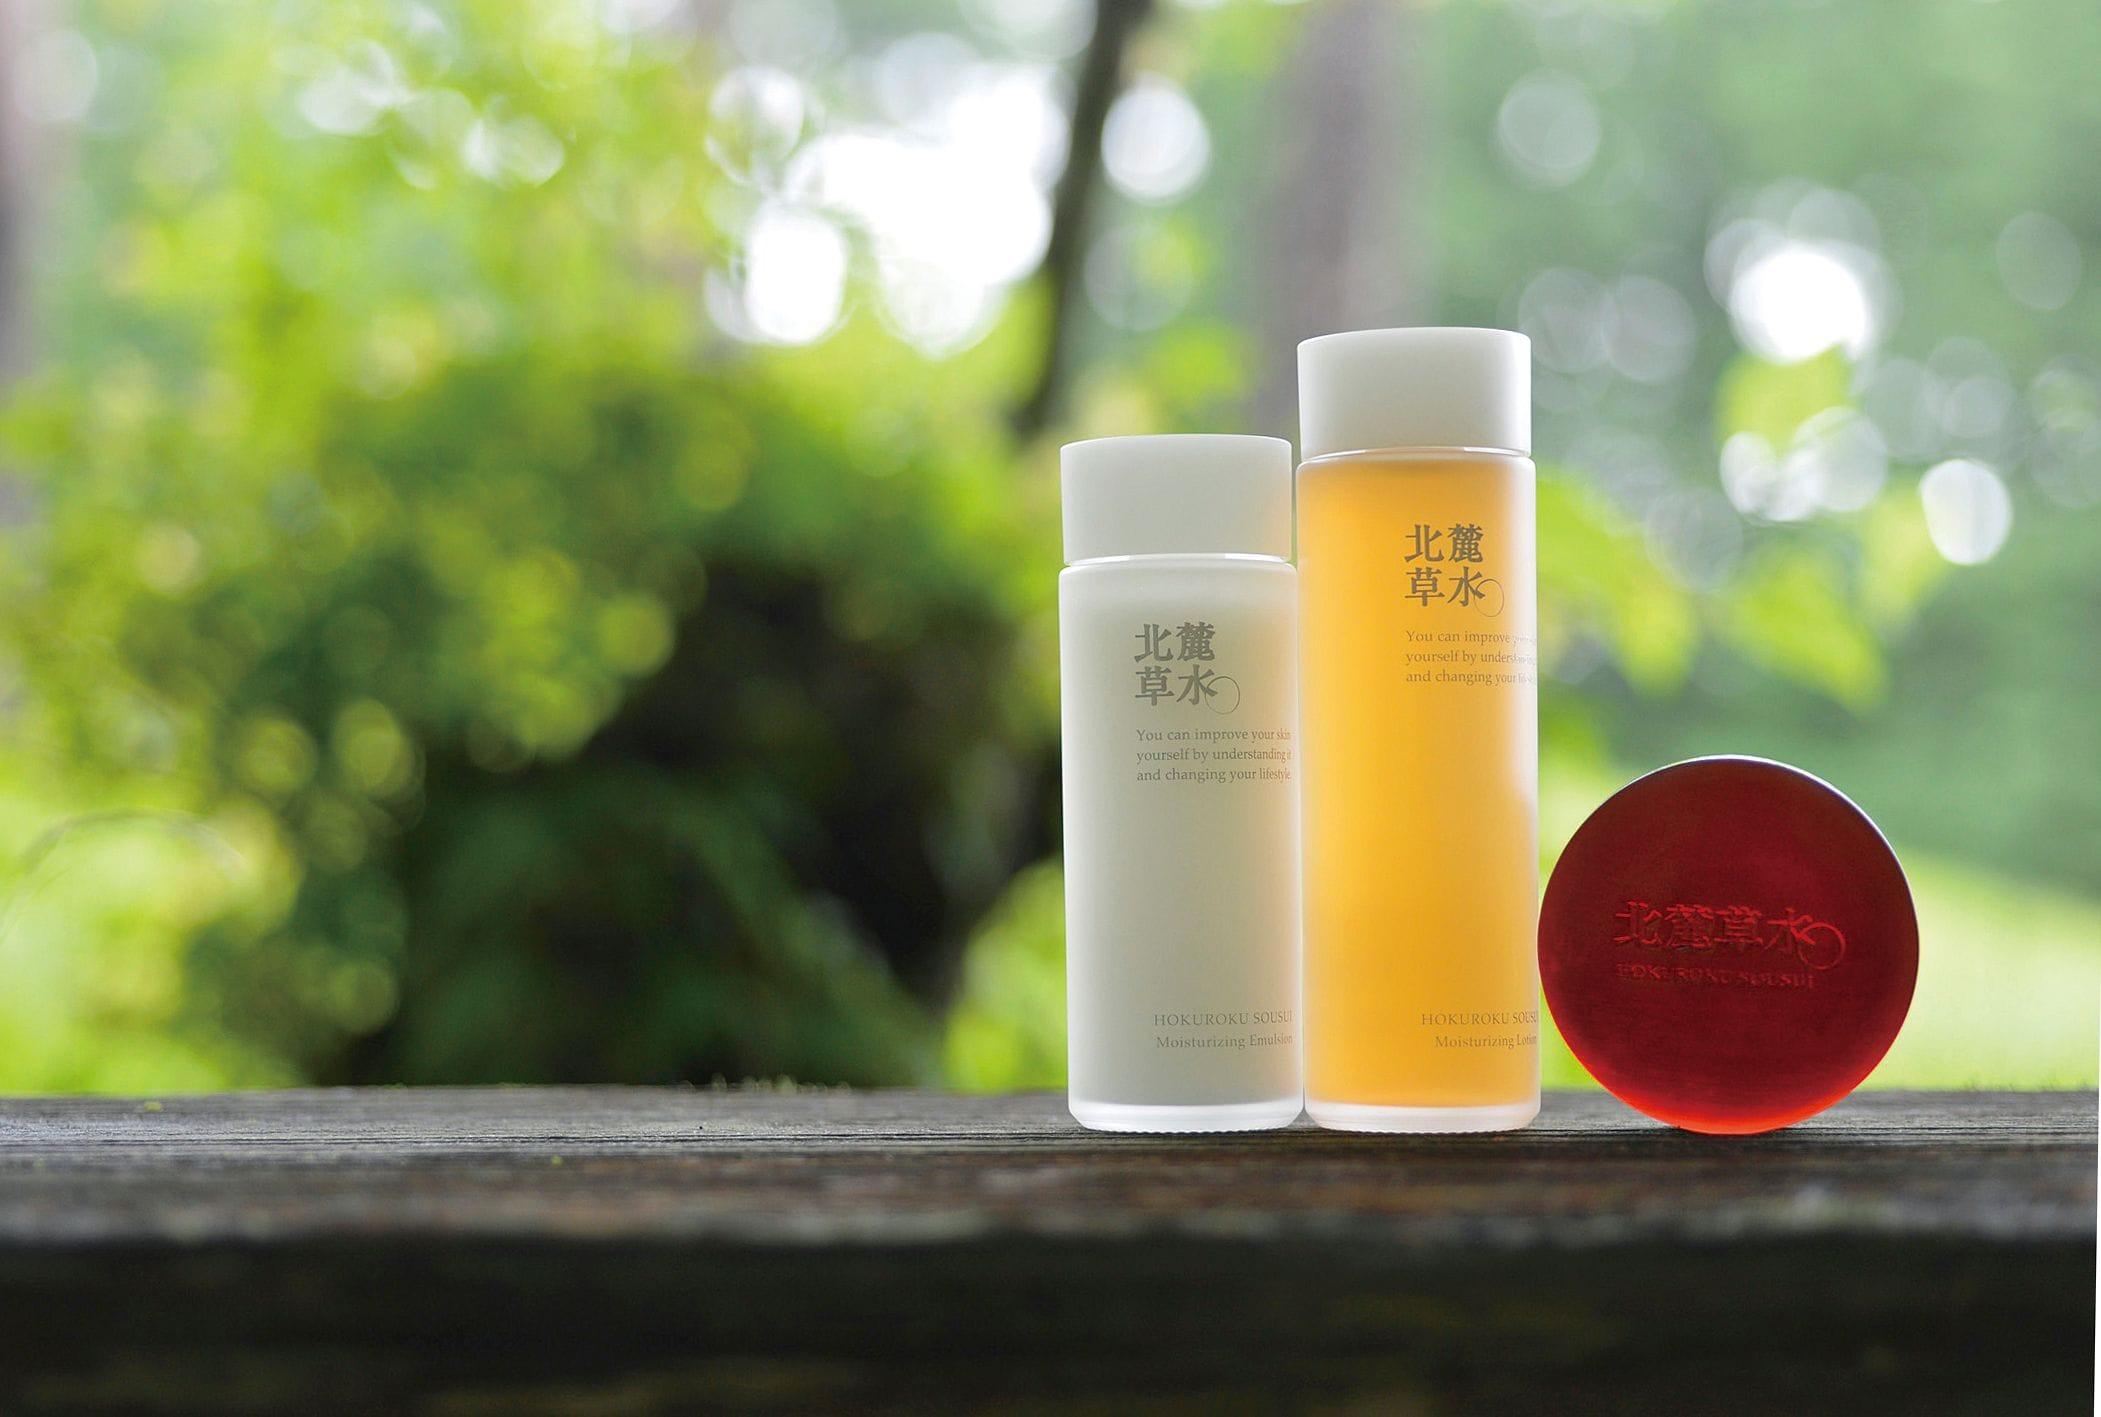 來自富士山流水與野草的自然派肥皂化妝品與生活雜貨:北麓草水(獨家贈送小禮物)